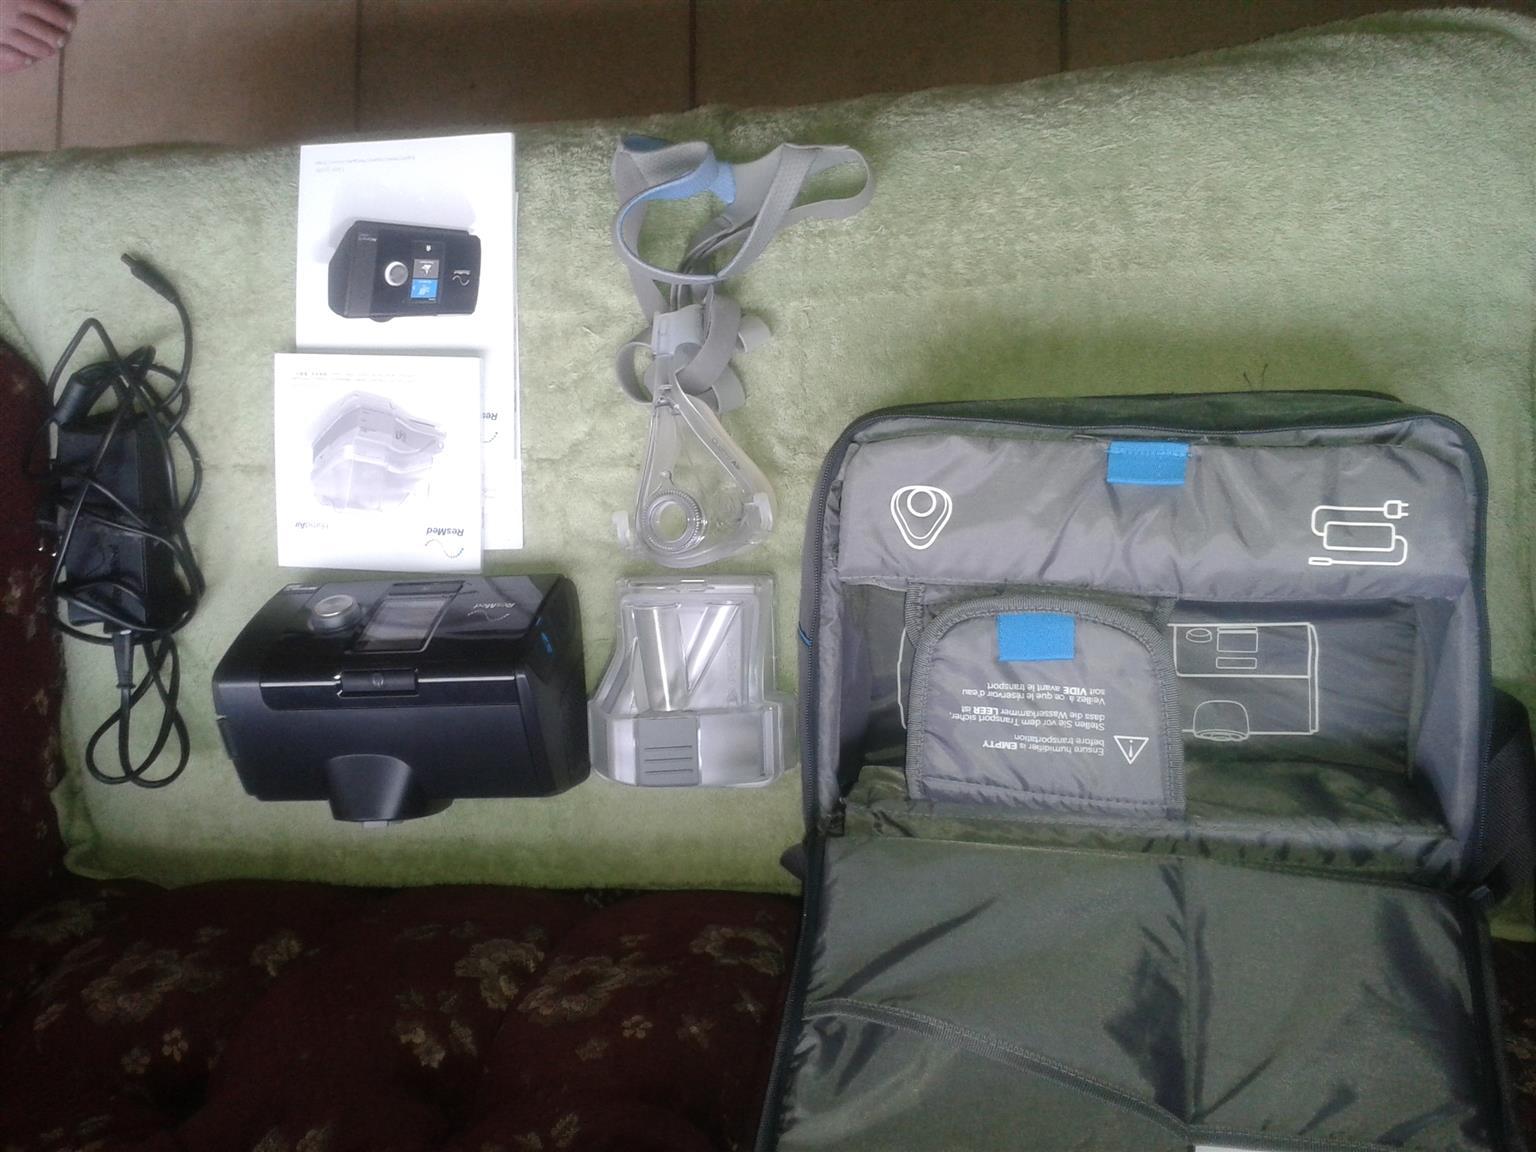 Airsense 10 Humidifier